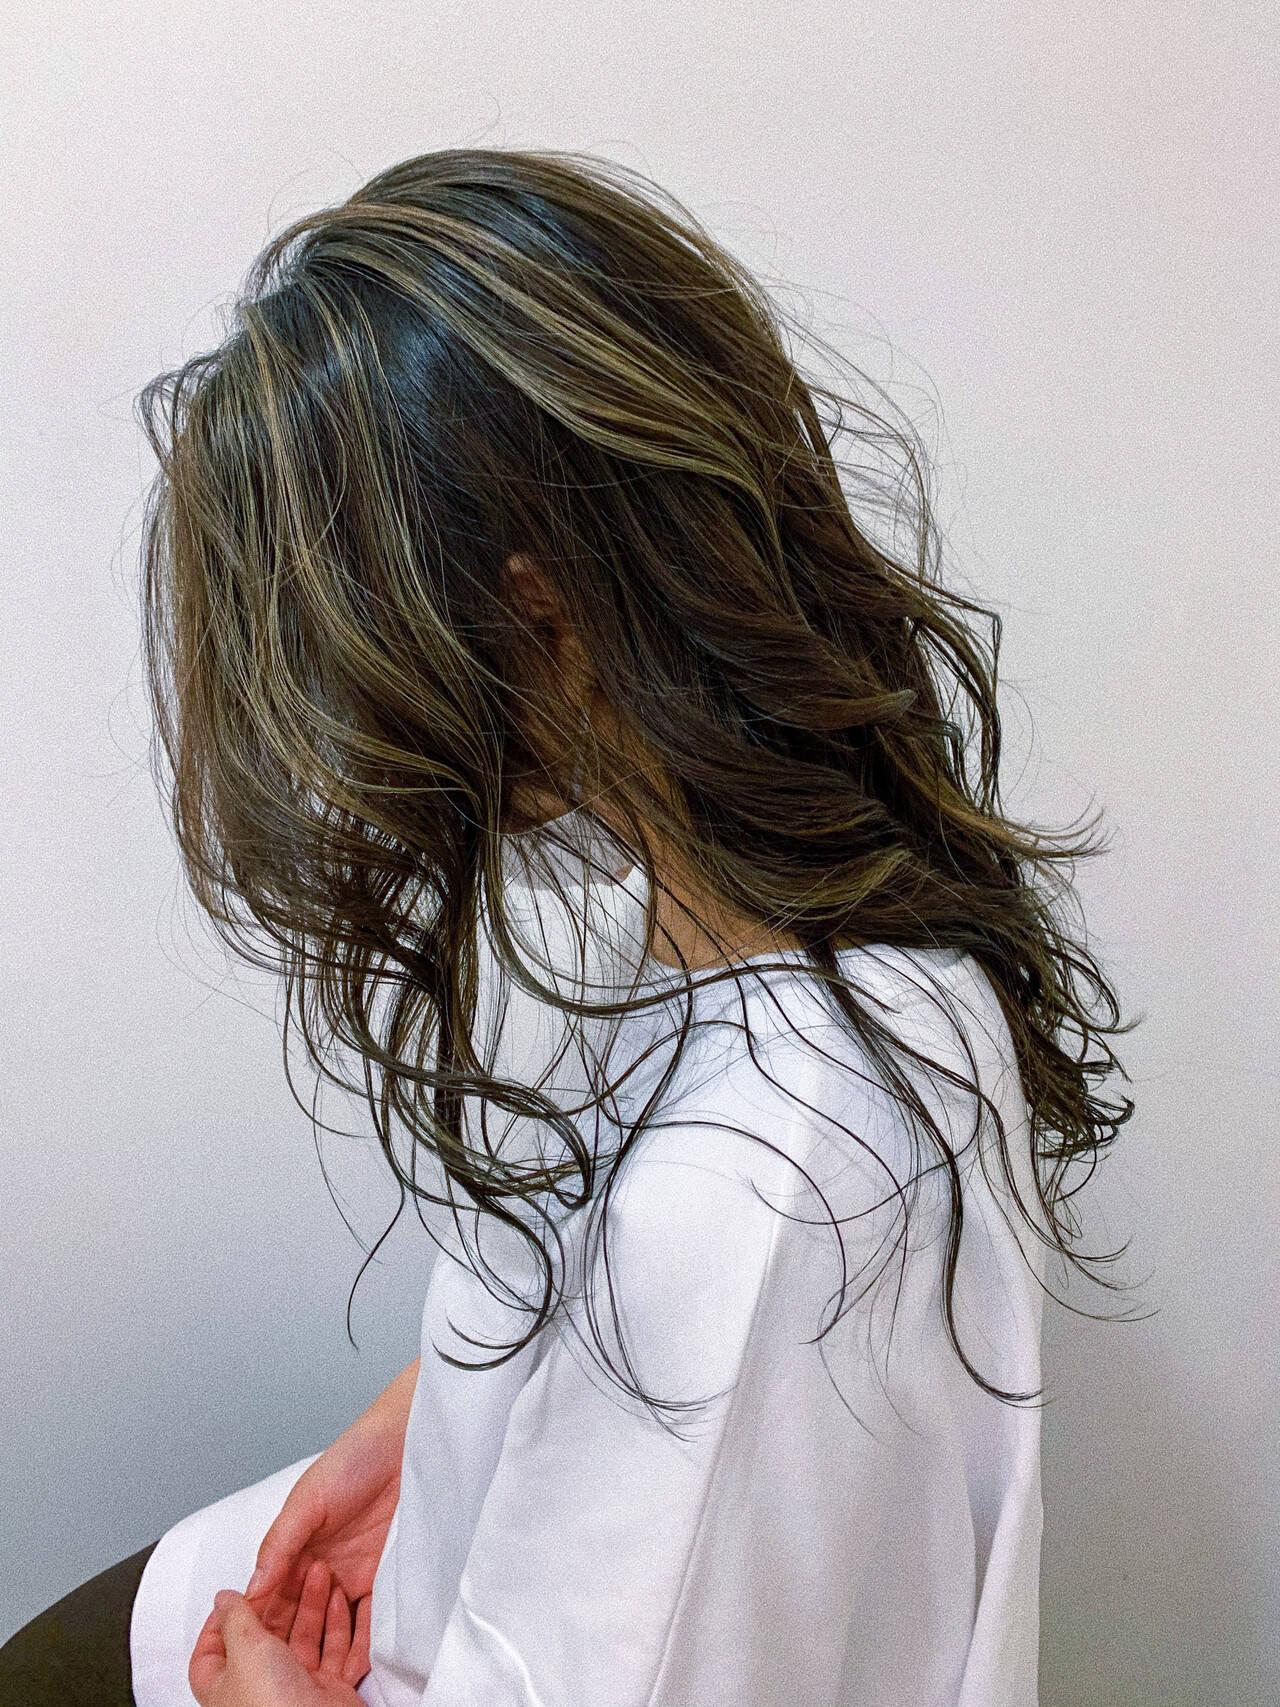 コントラストハイライト グラデーションカラー セミロング ハイライトヘアスタイルや髪型の写真・画像